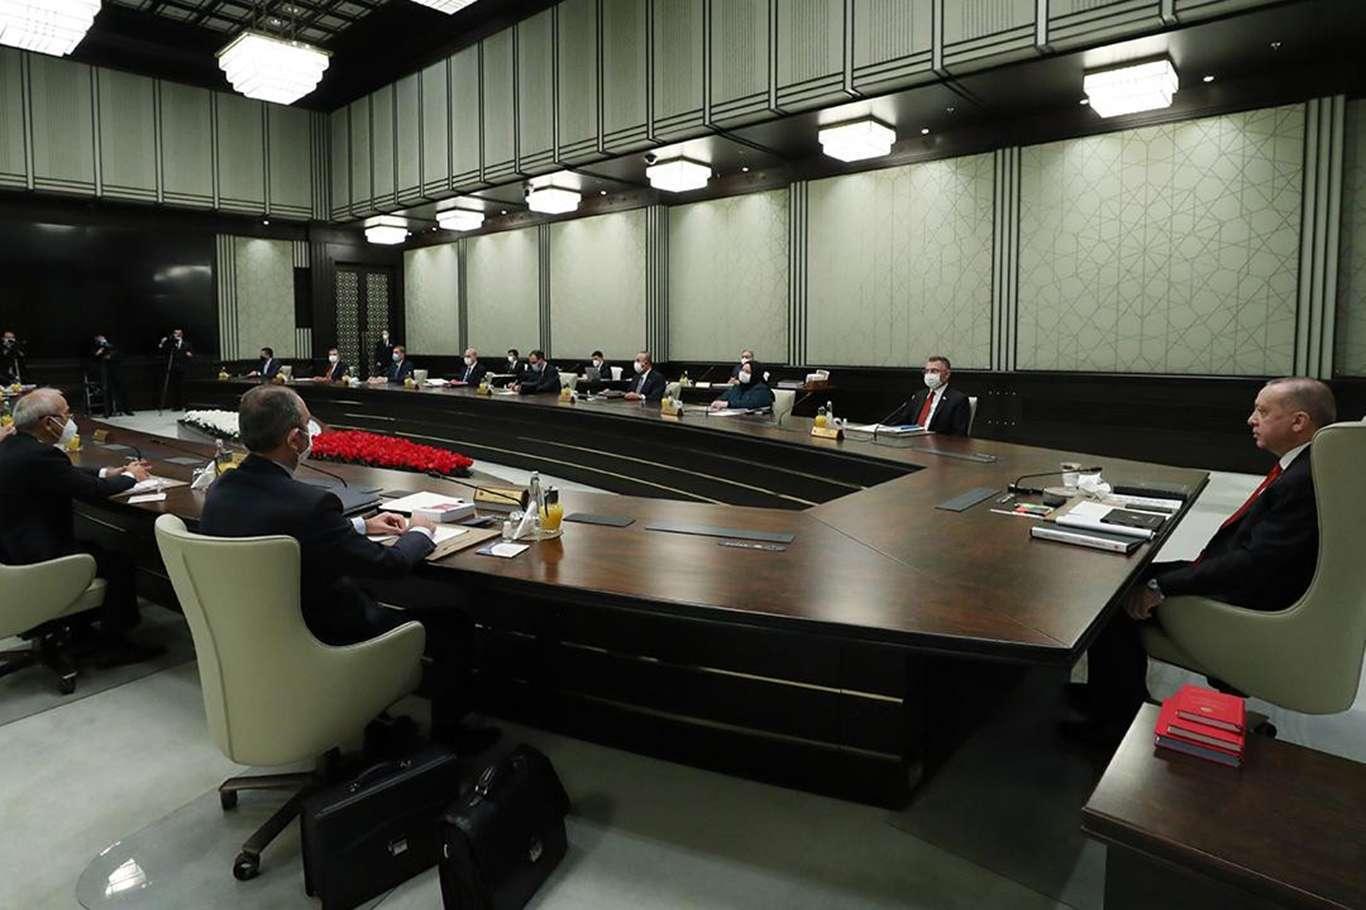 Önemli Görüşmeler İçin Cumhurbaşkanlığı Kabinesi Yarın Toplanıyor